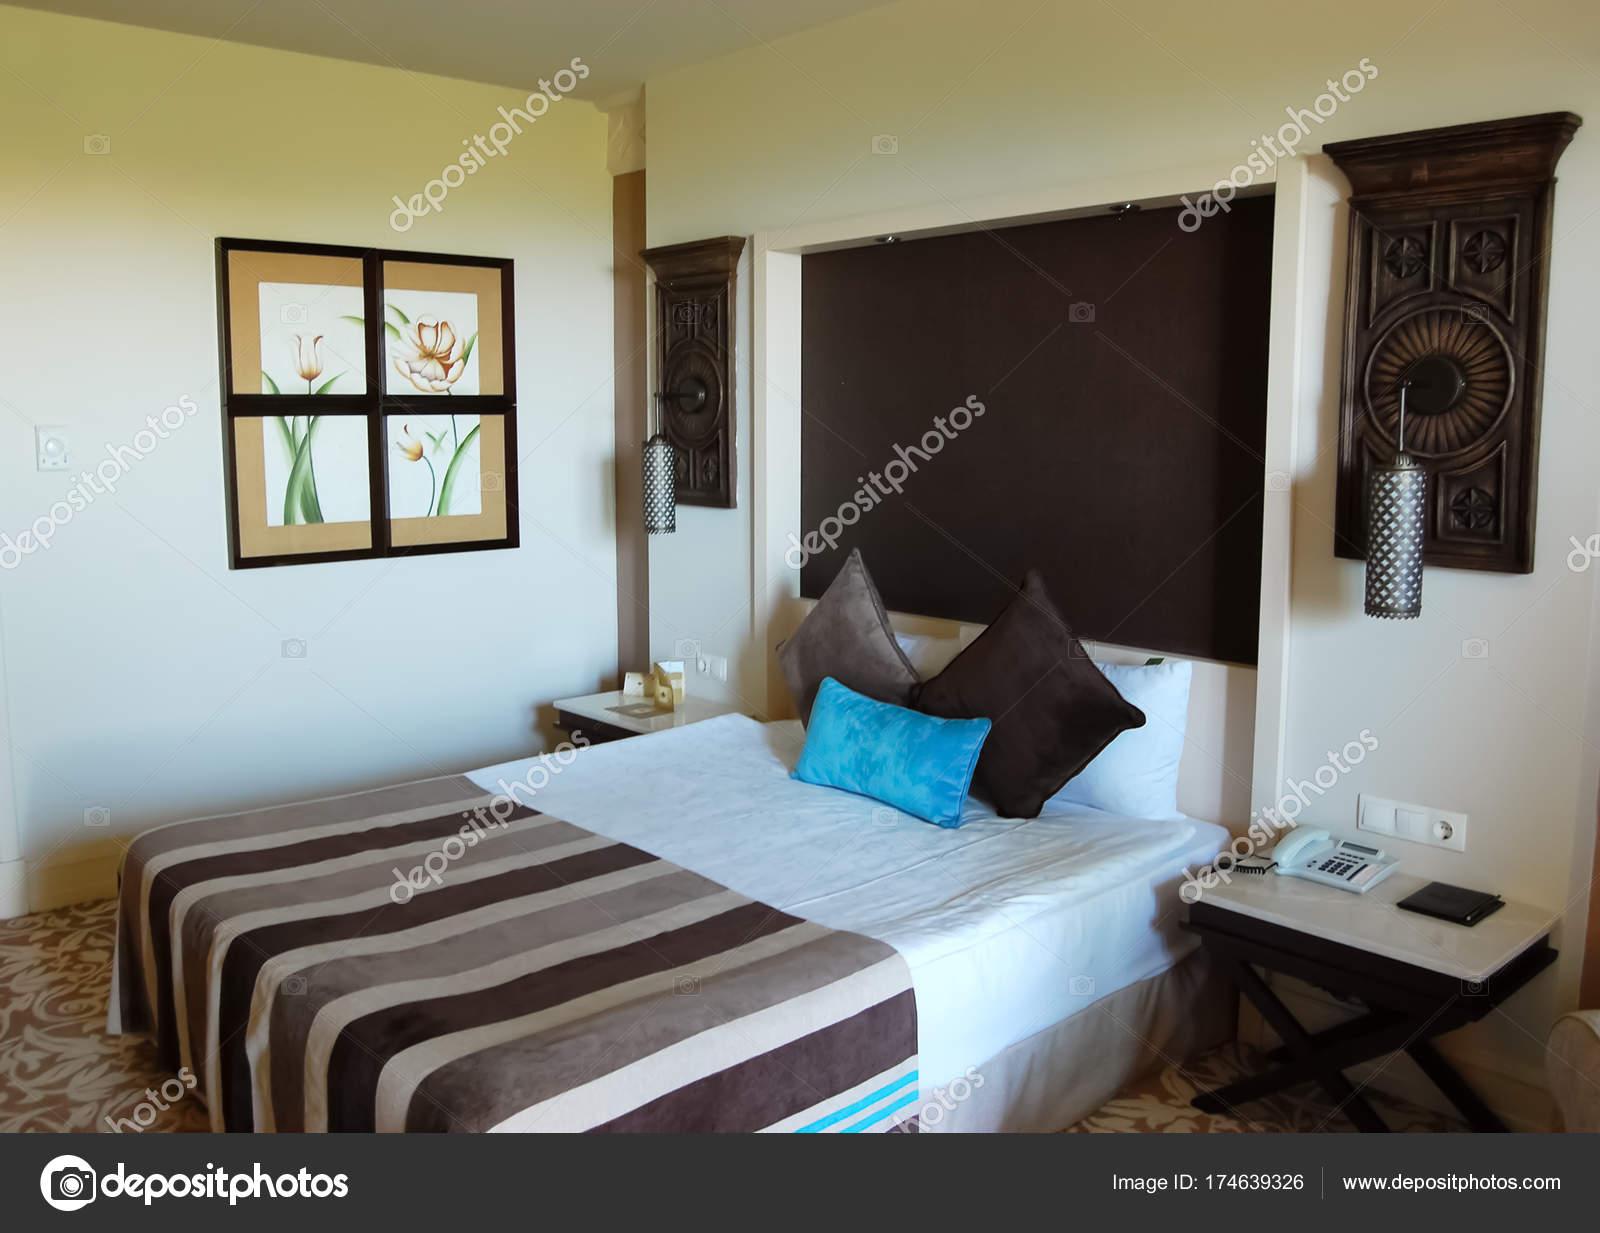 Intérieur chambre à coucher en couleurs brun-beige en hôtel de luxe ...